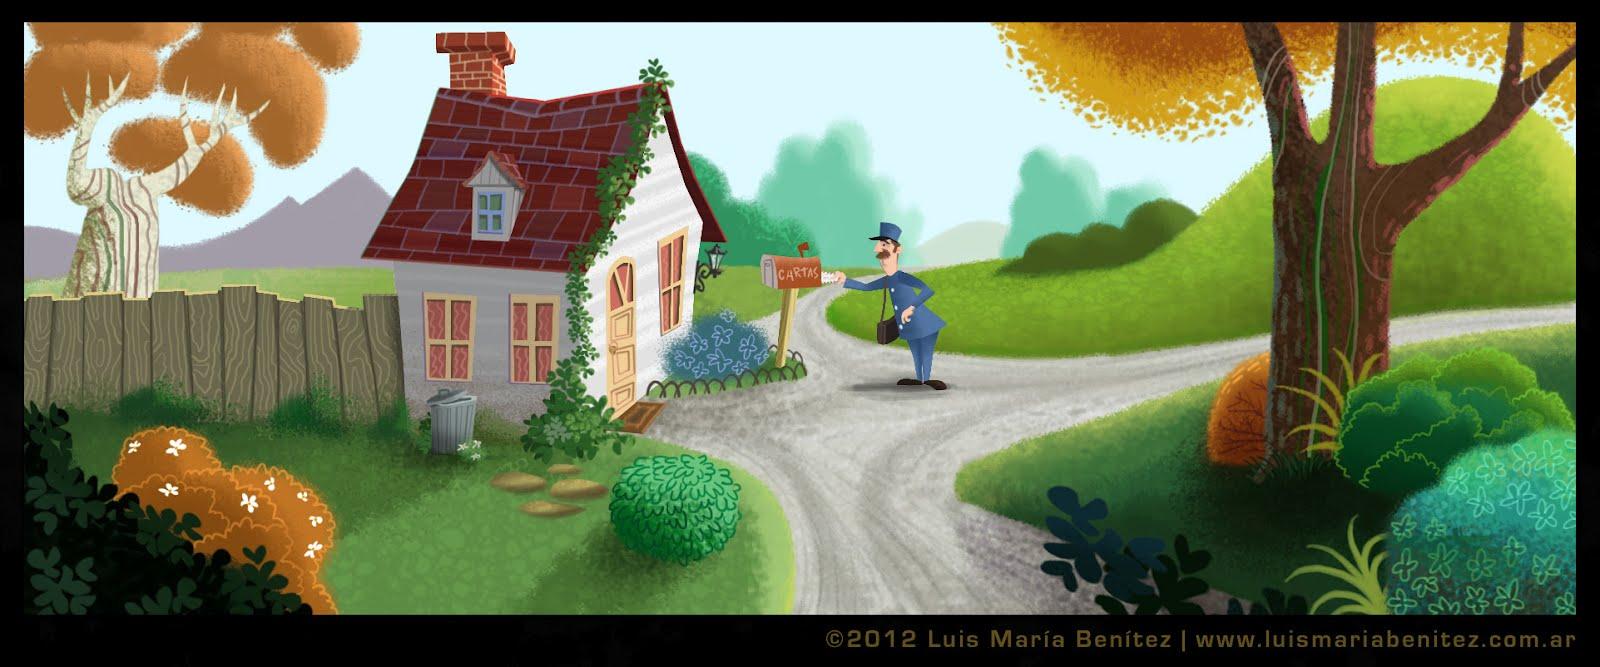 The mail man illustration / Ilustración del cartero © Luis María Benítez